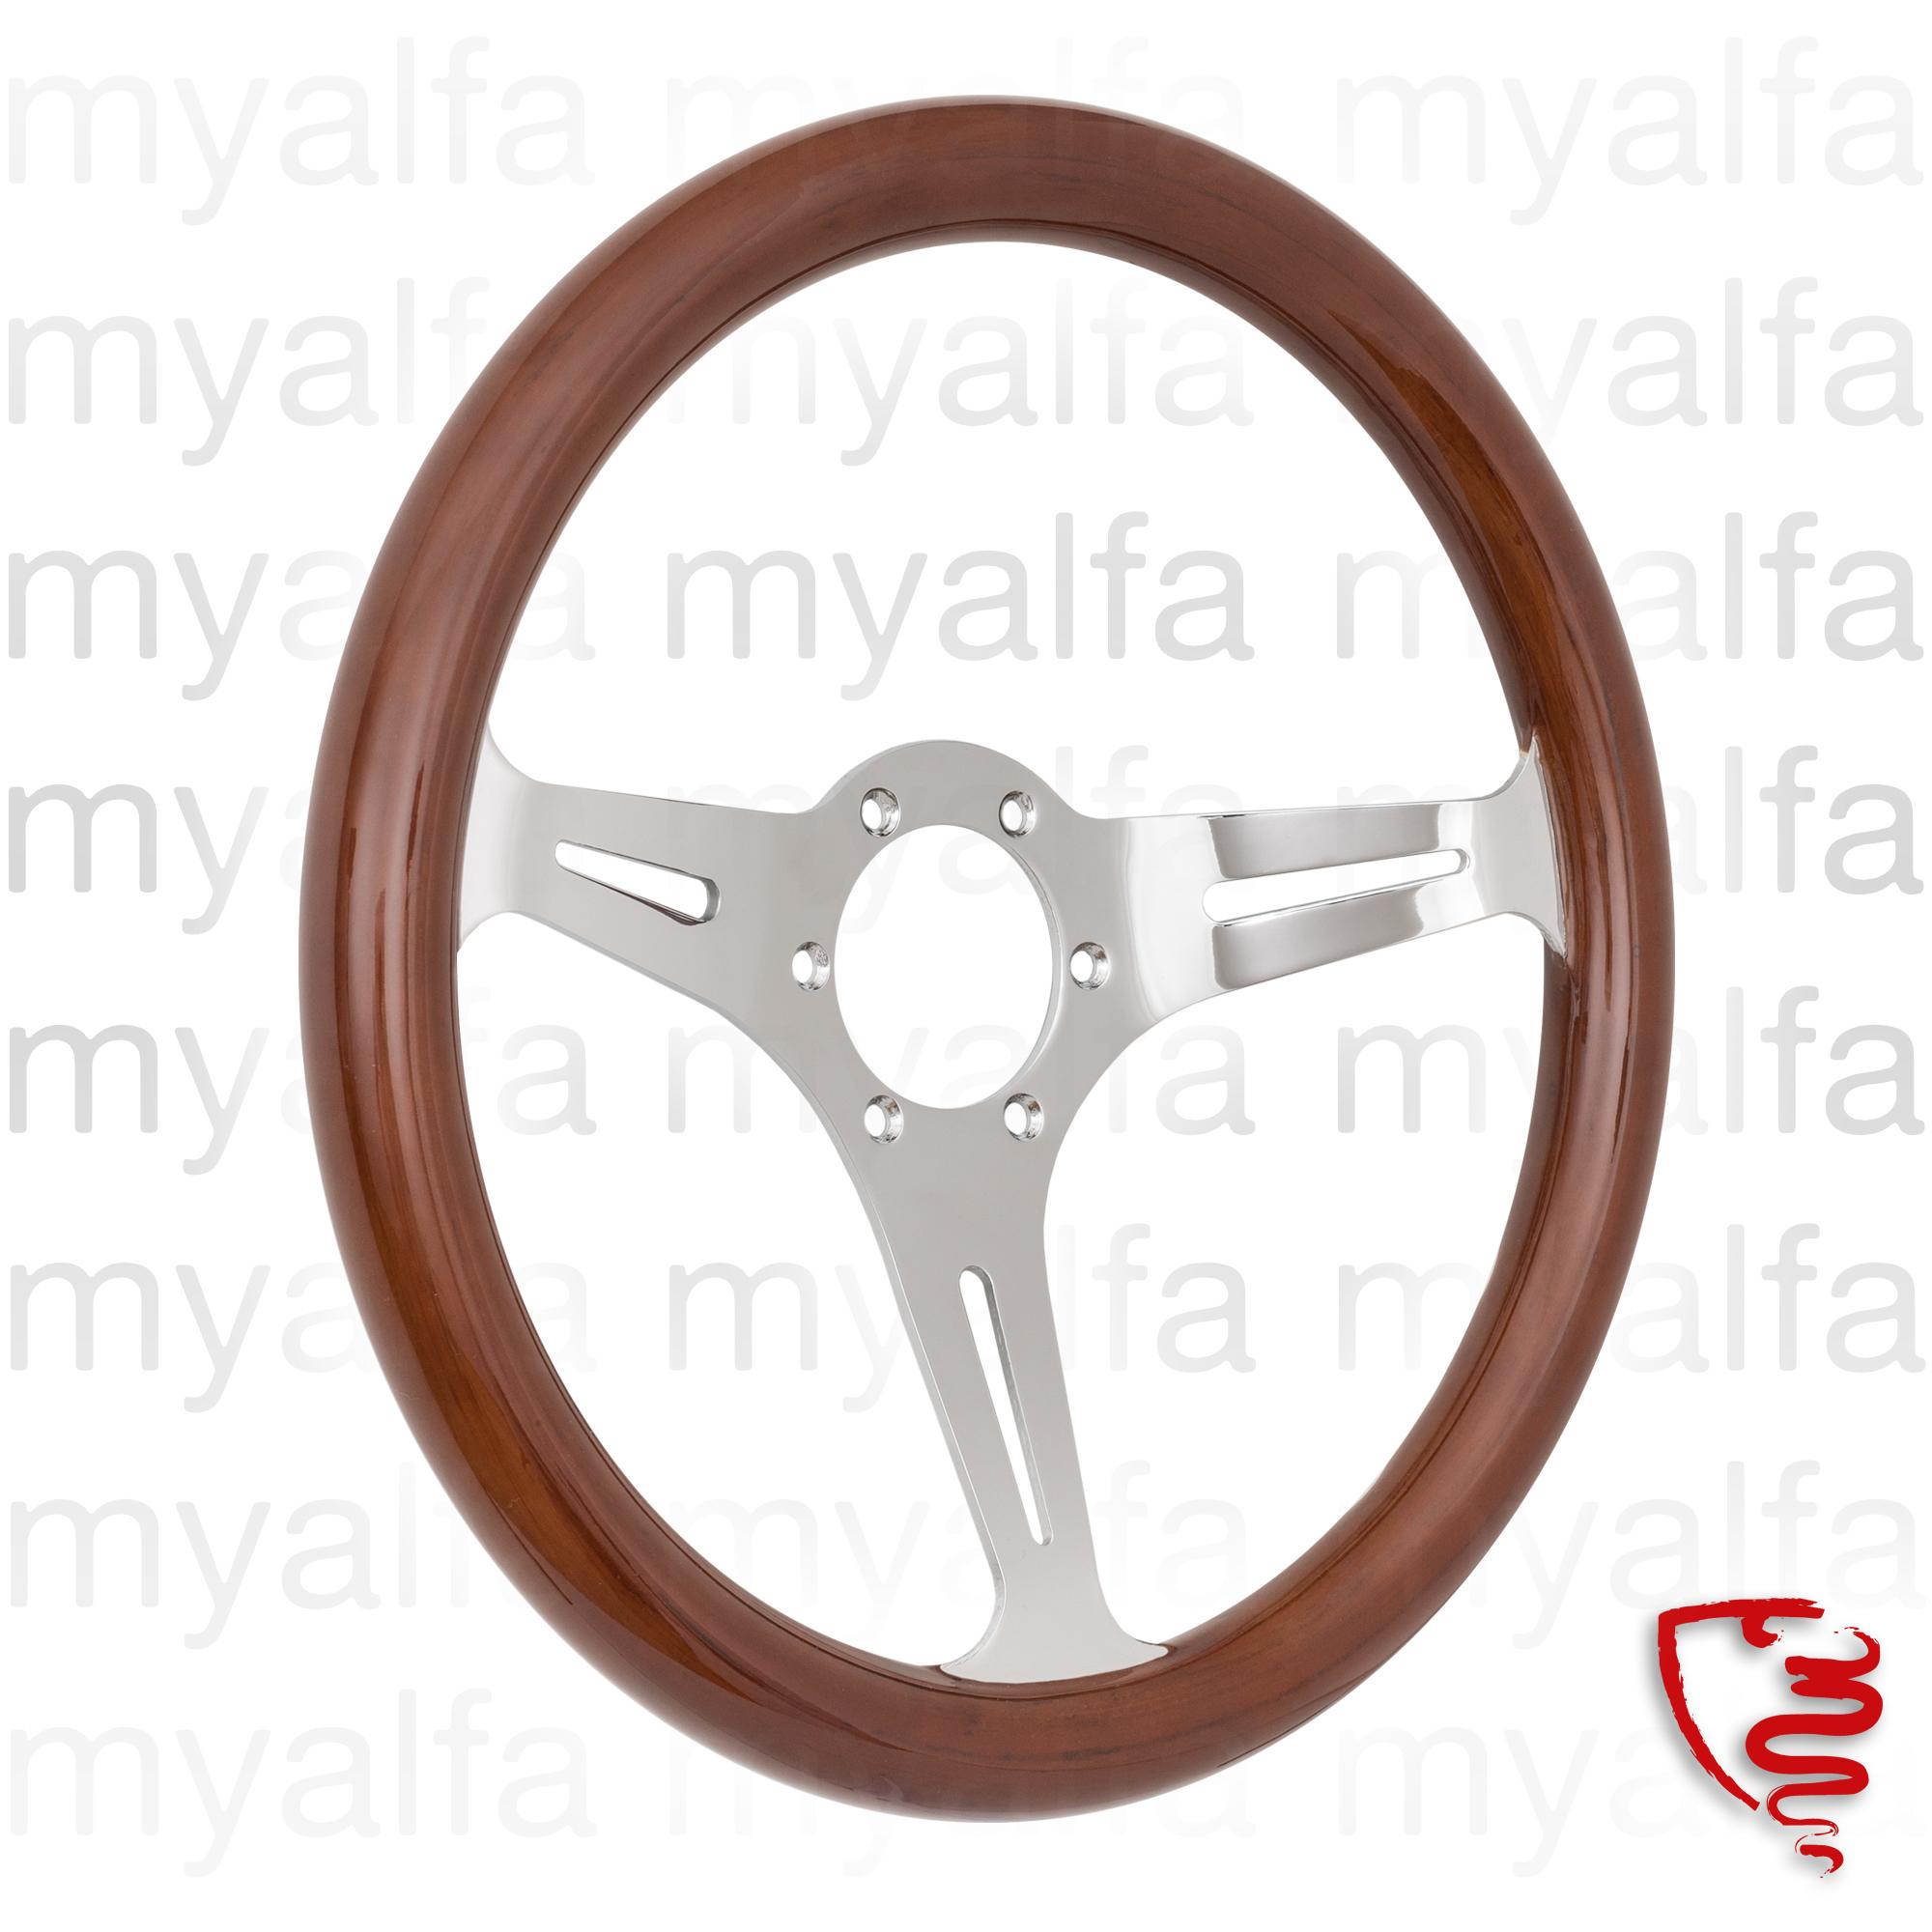 steering wheel in wood 330mm for 105/115, Interior, Steering wheels, Wood